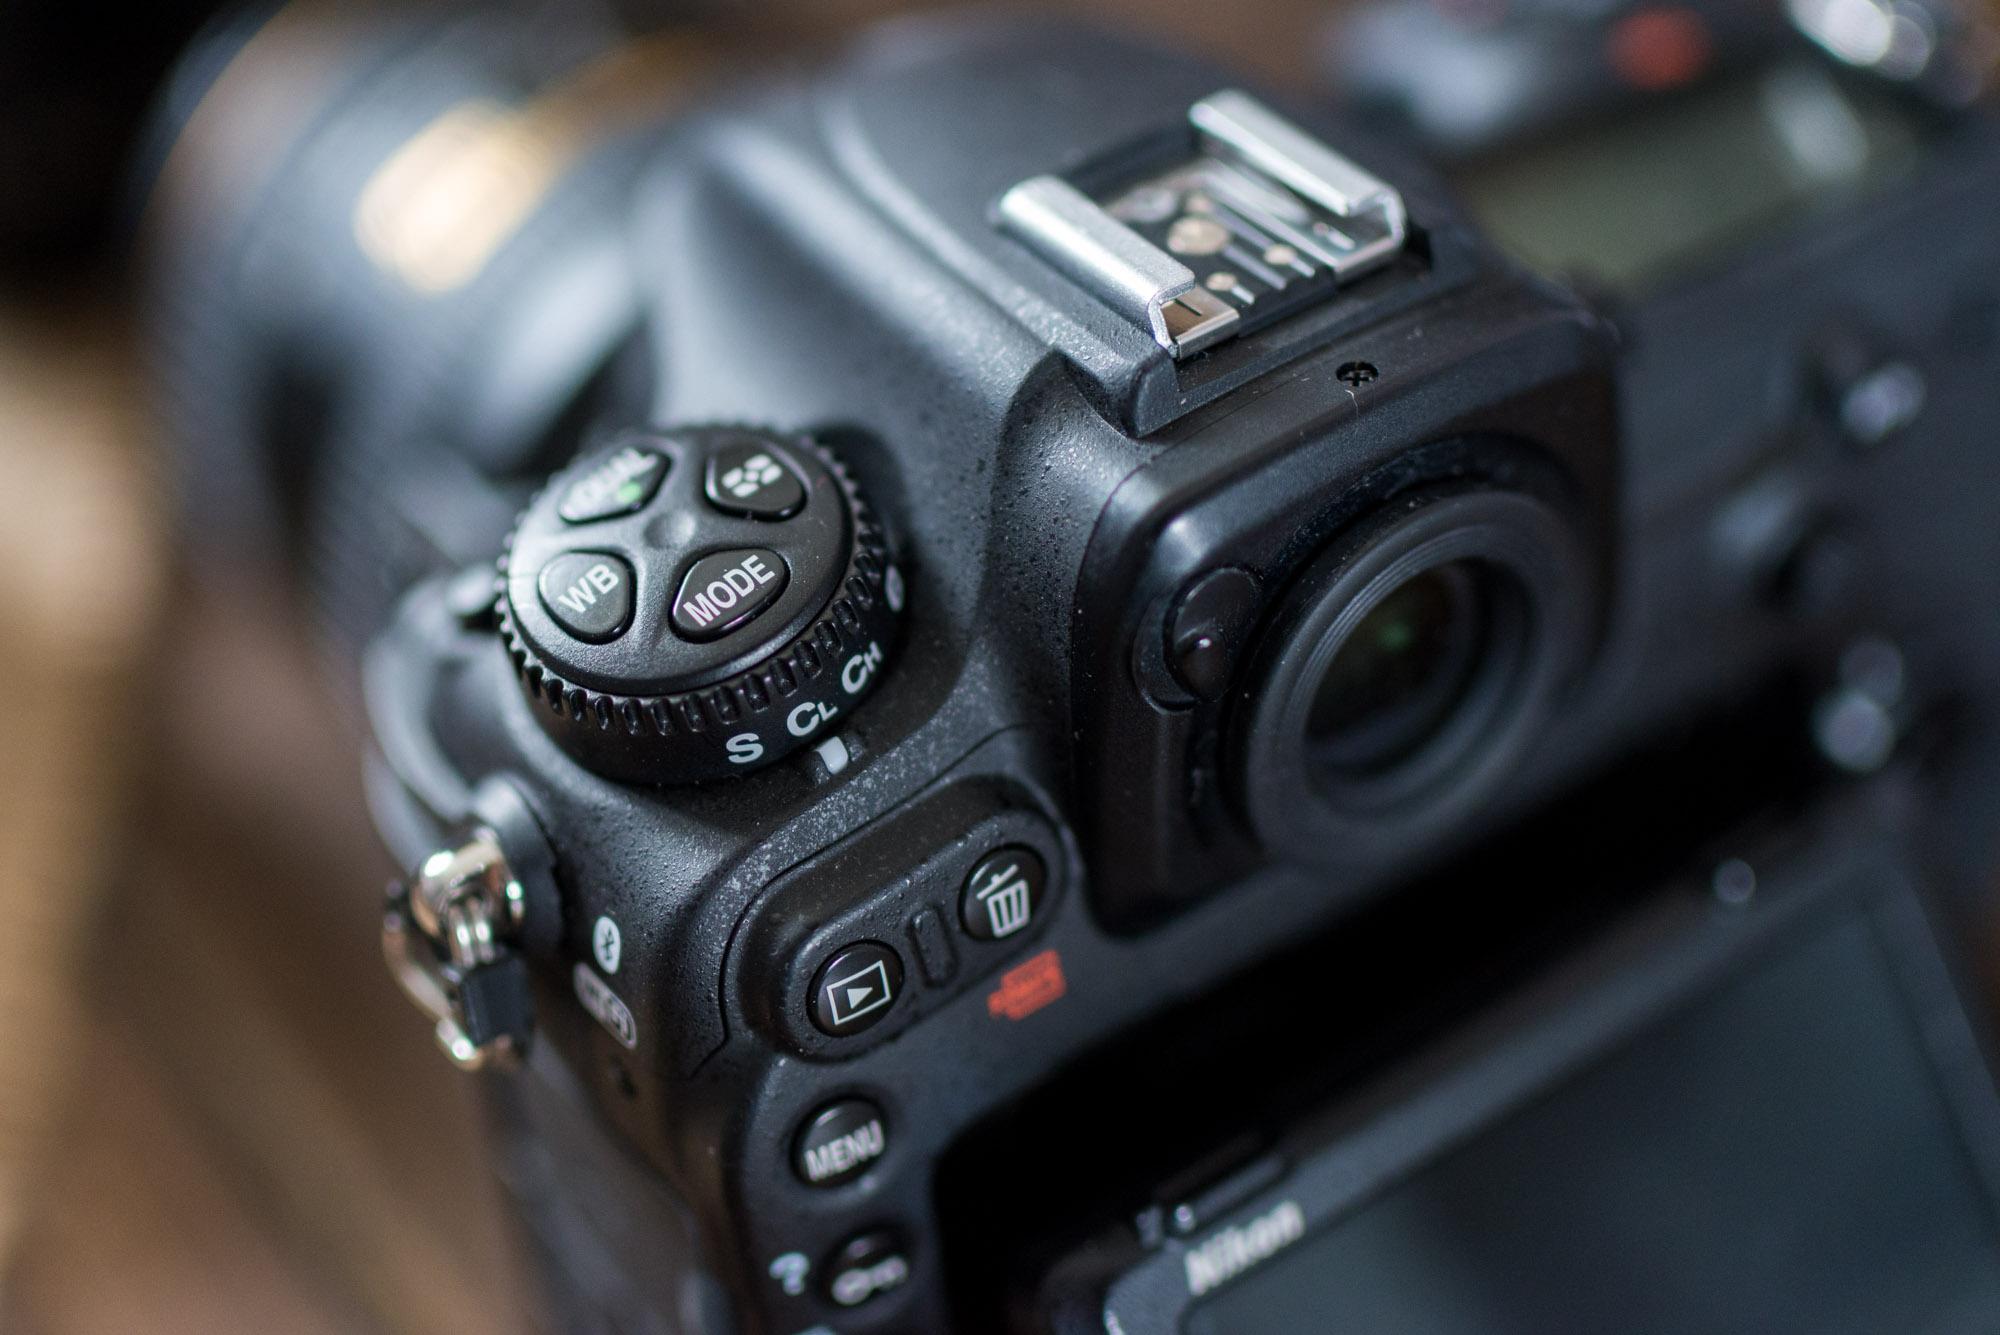 Jaki aparat fotograficzny warto kupić?